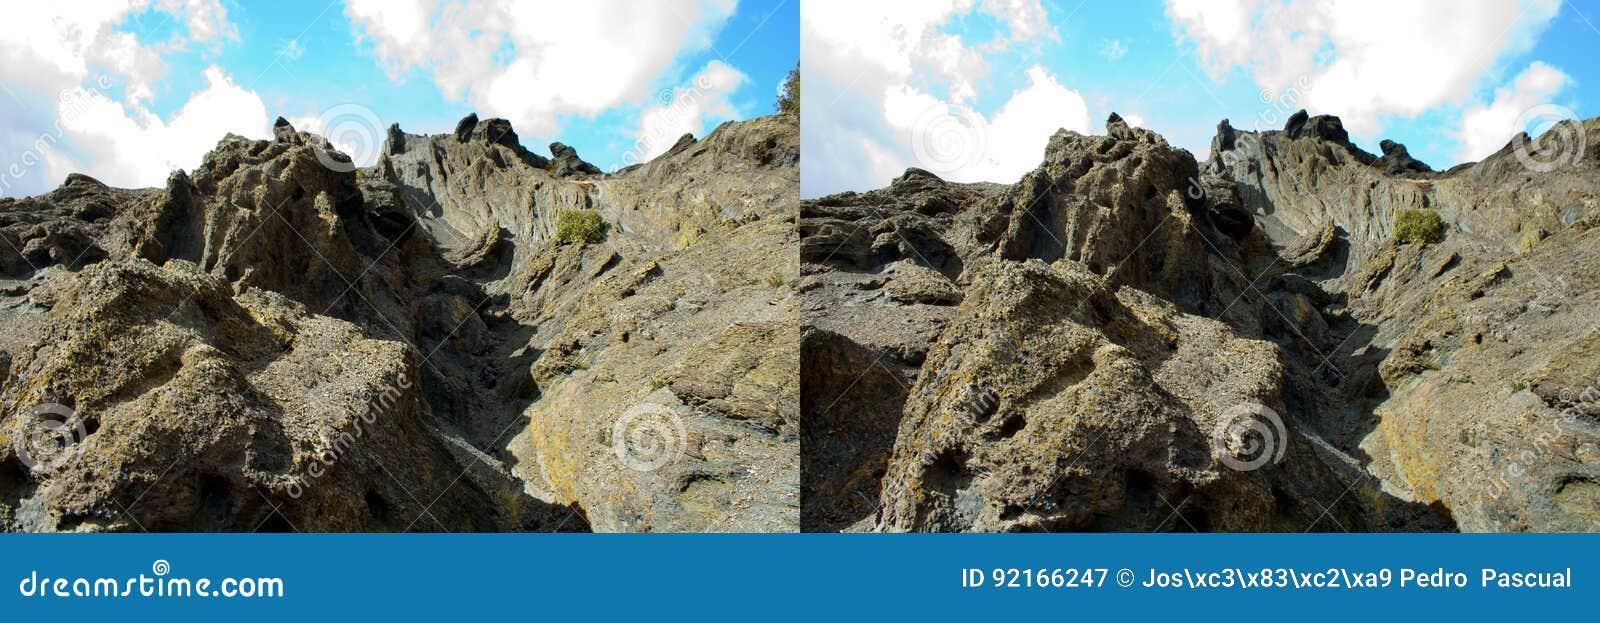 Stereo Pair Geologic Strata Stock Image Image Of Erosion Geologic 92166247